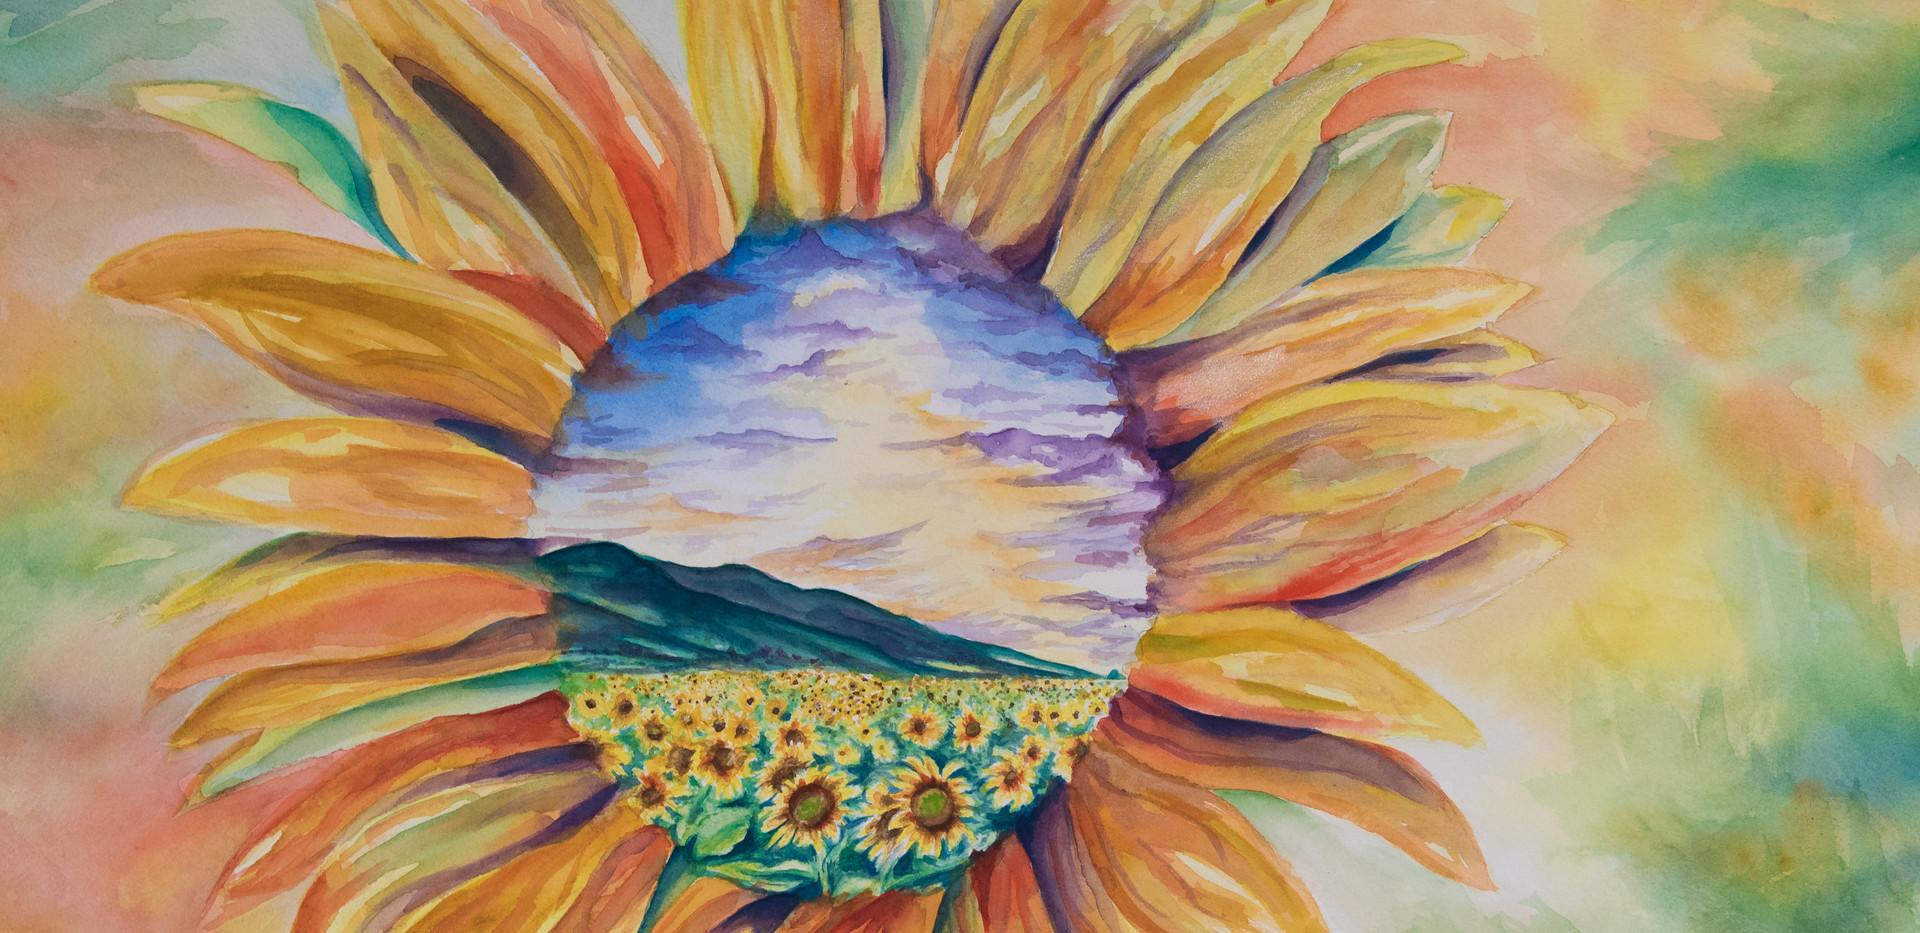 Sunflower (1 of 1).jpg